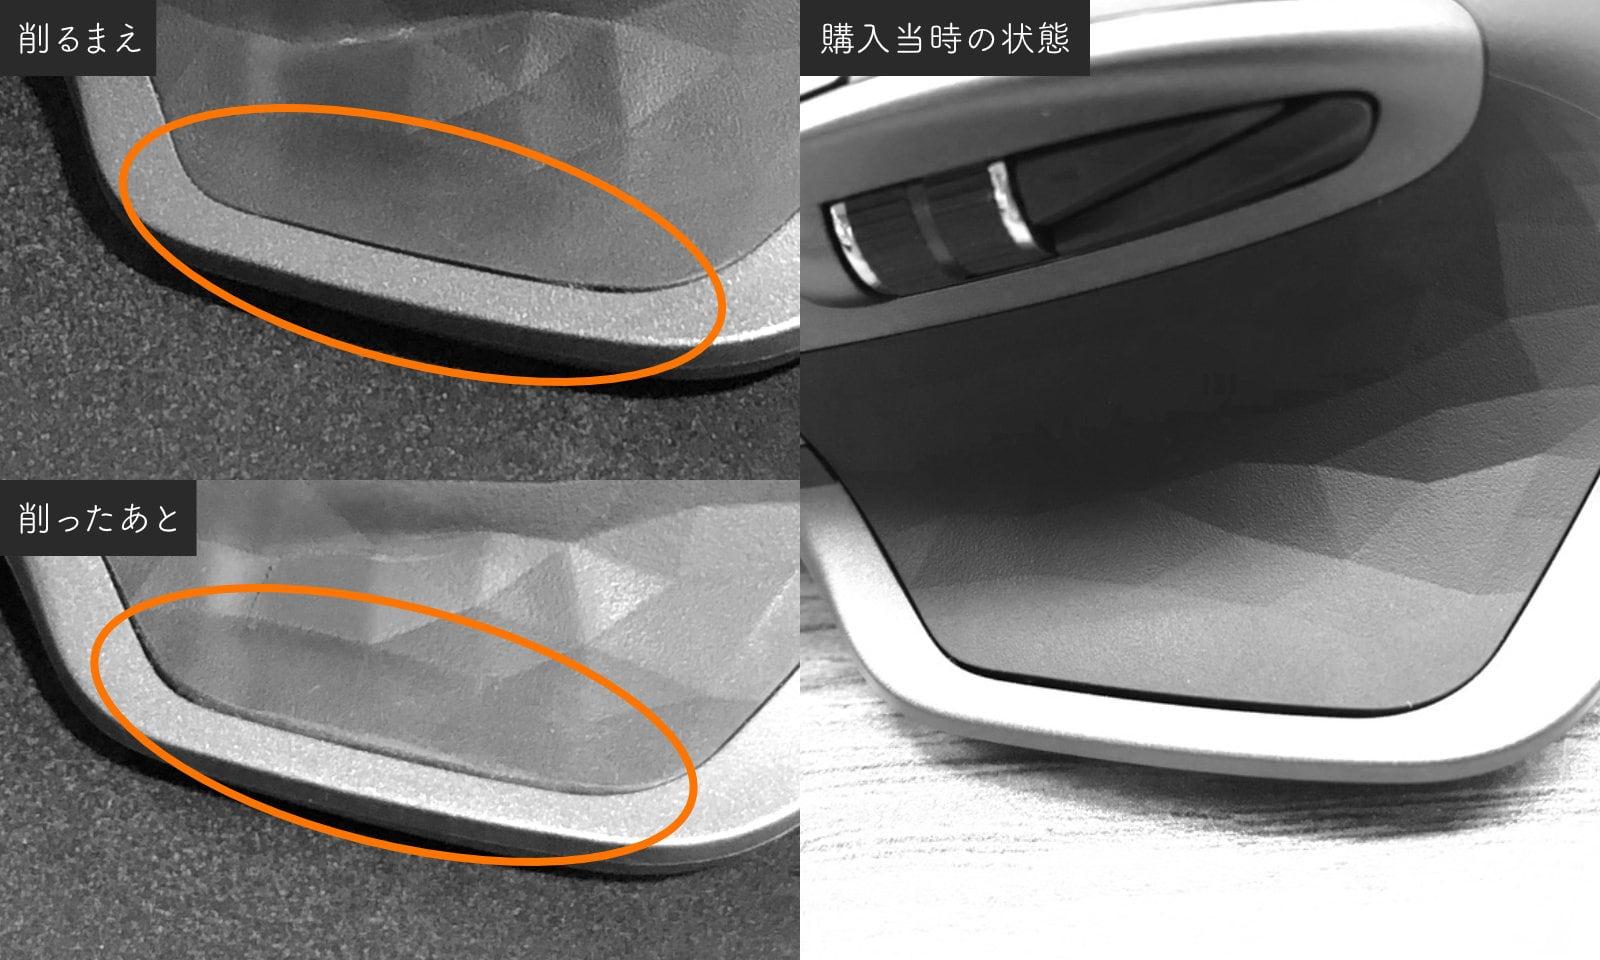 パーツを削るまえの状態(左上)、削ったあとの状態(左下)、それから、購入当時の綺麗な状態の写真